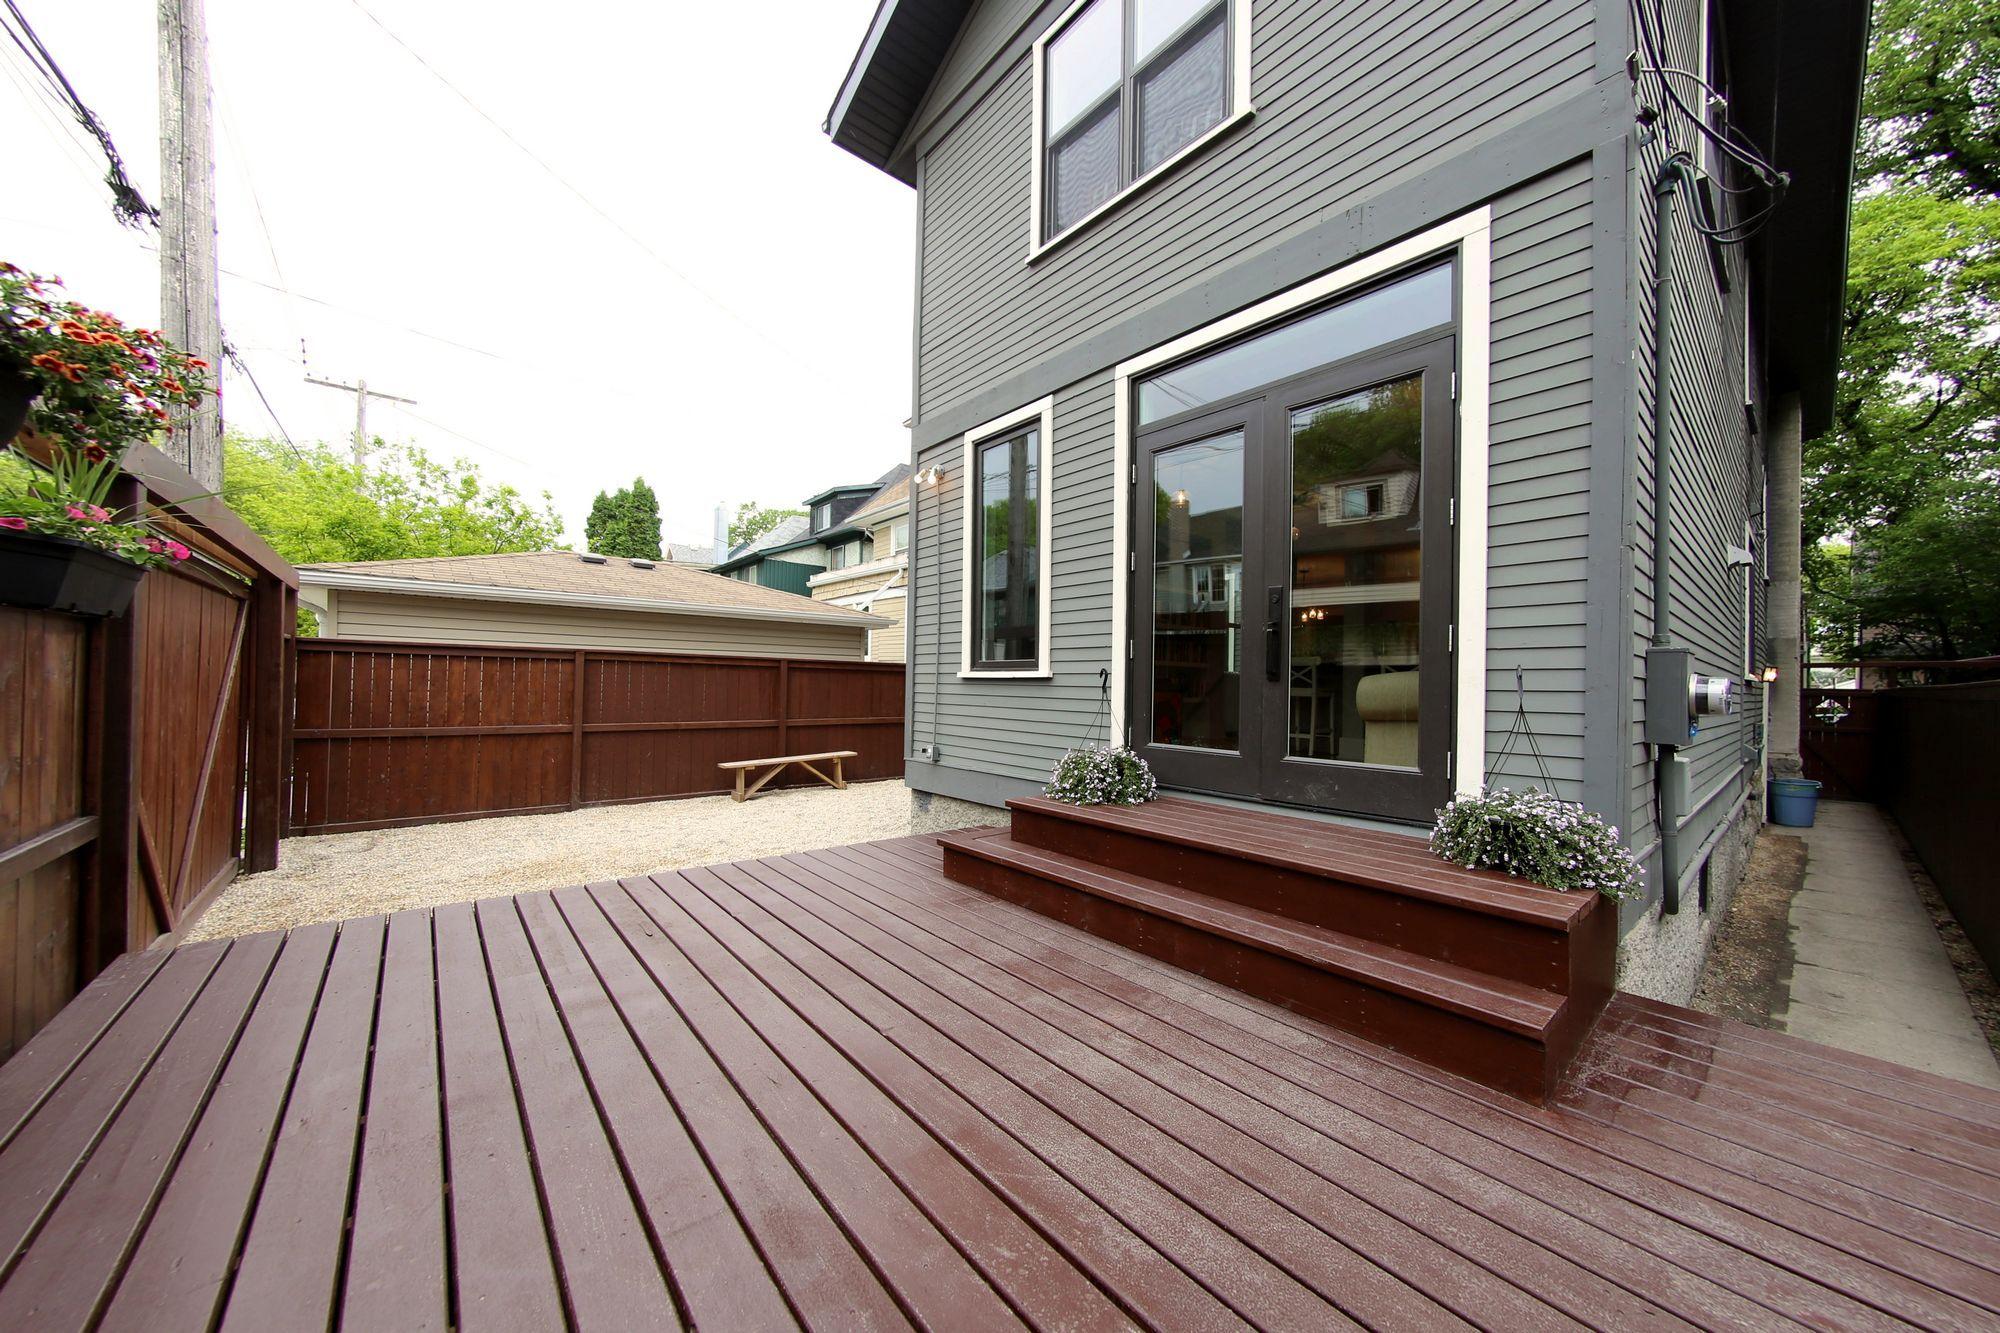 Photo 29: Photos: 121 Ruby Street in Winnipeg: Wolseley Single Family Detached for sale (5B)  : MLS®# 1808798